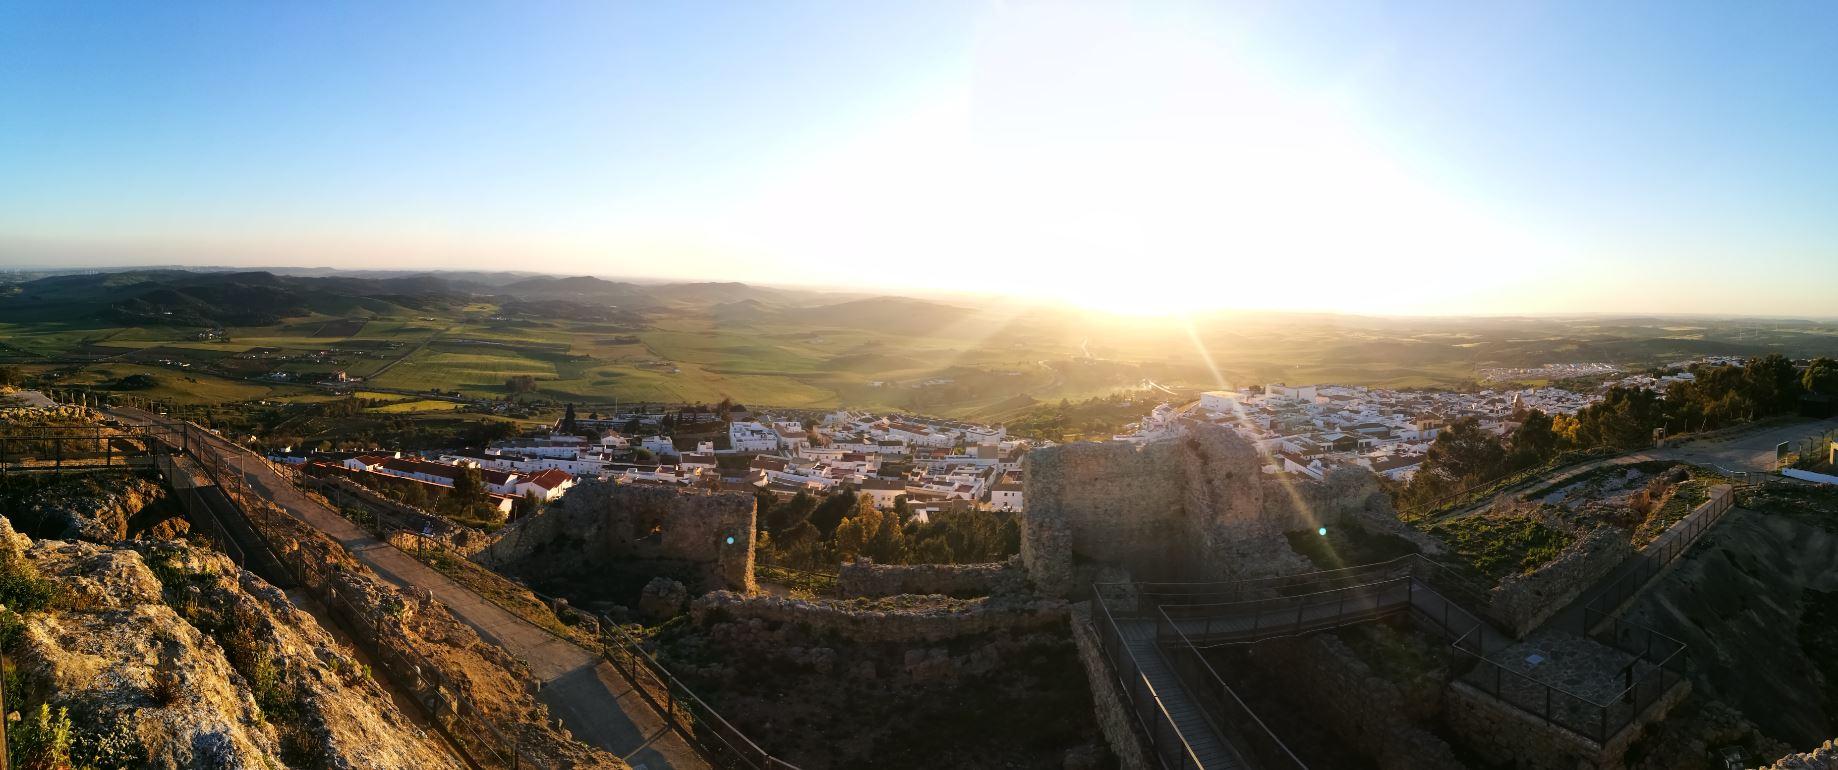 Panoramica de Medina Sidonia